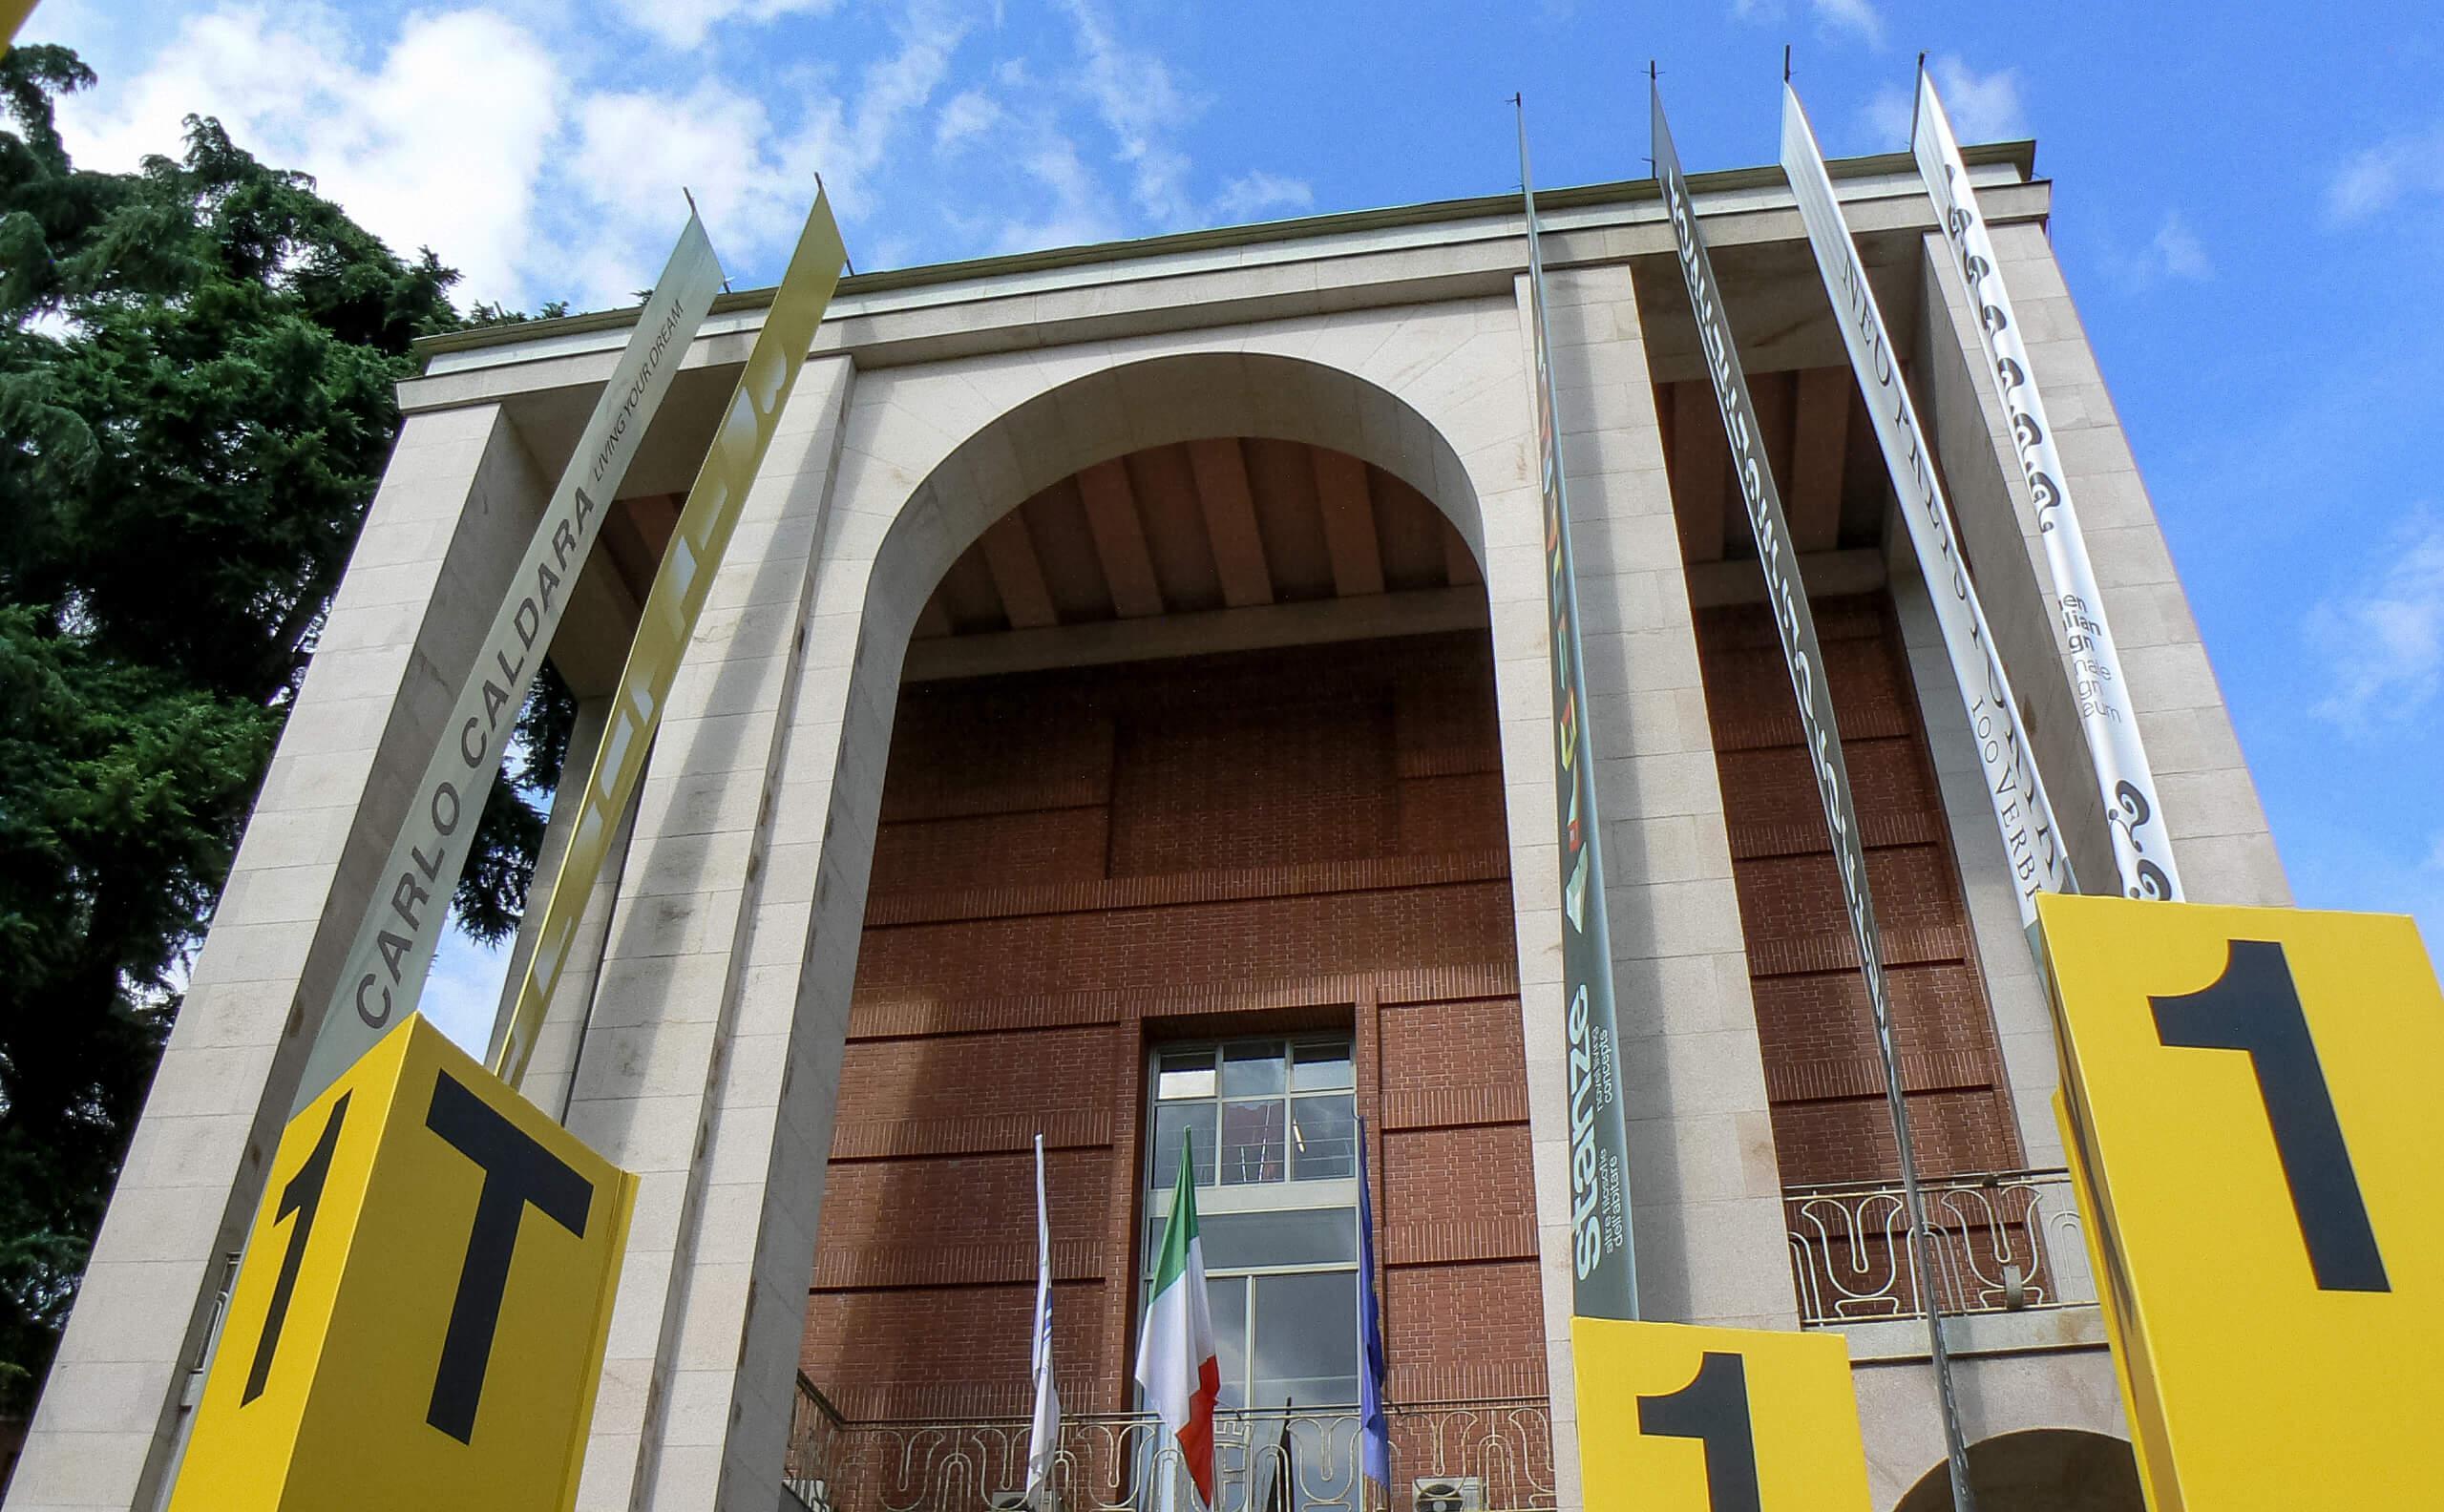 Triennale palazzo dell 39 arte lancaster hotel for Viale alemagna 6 milano